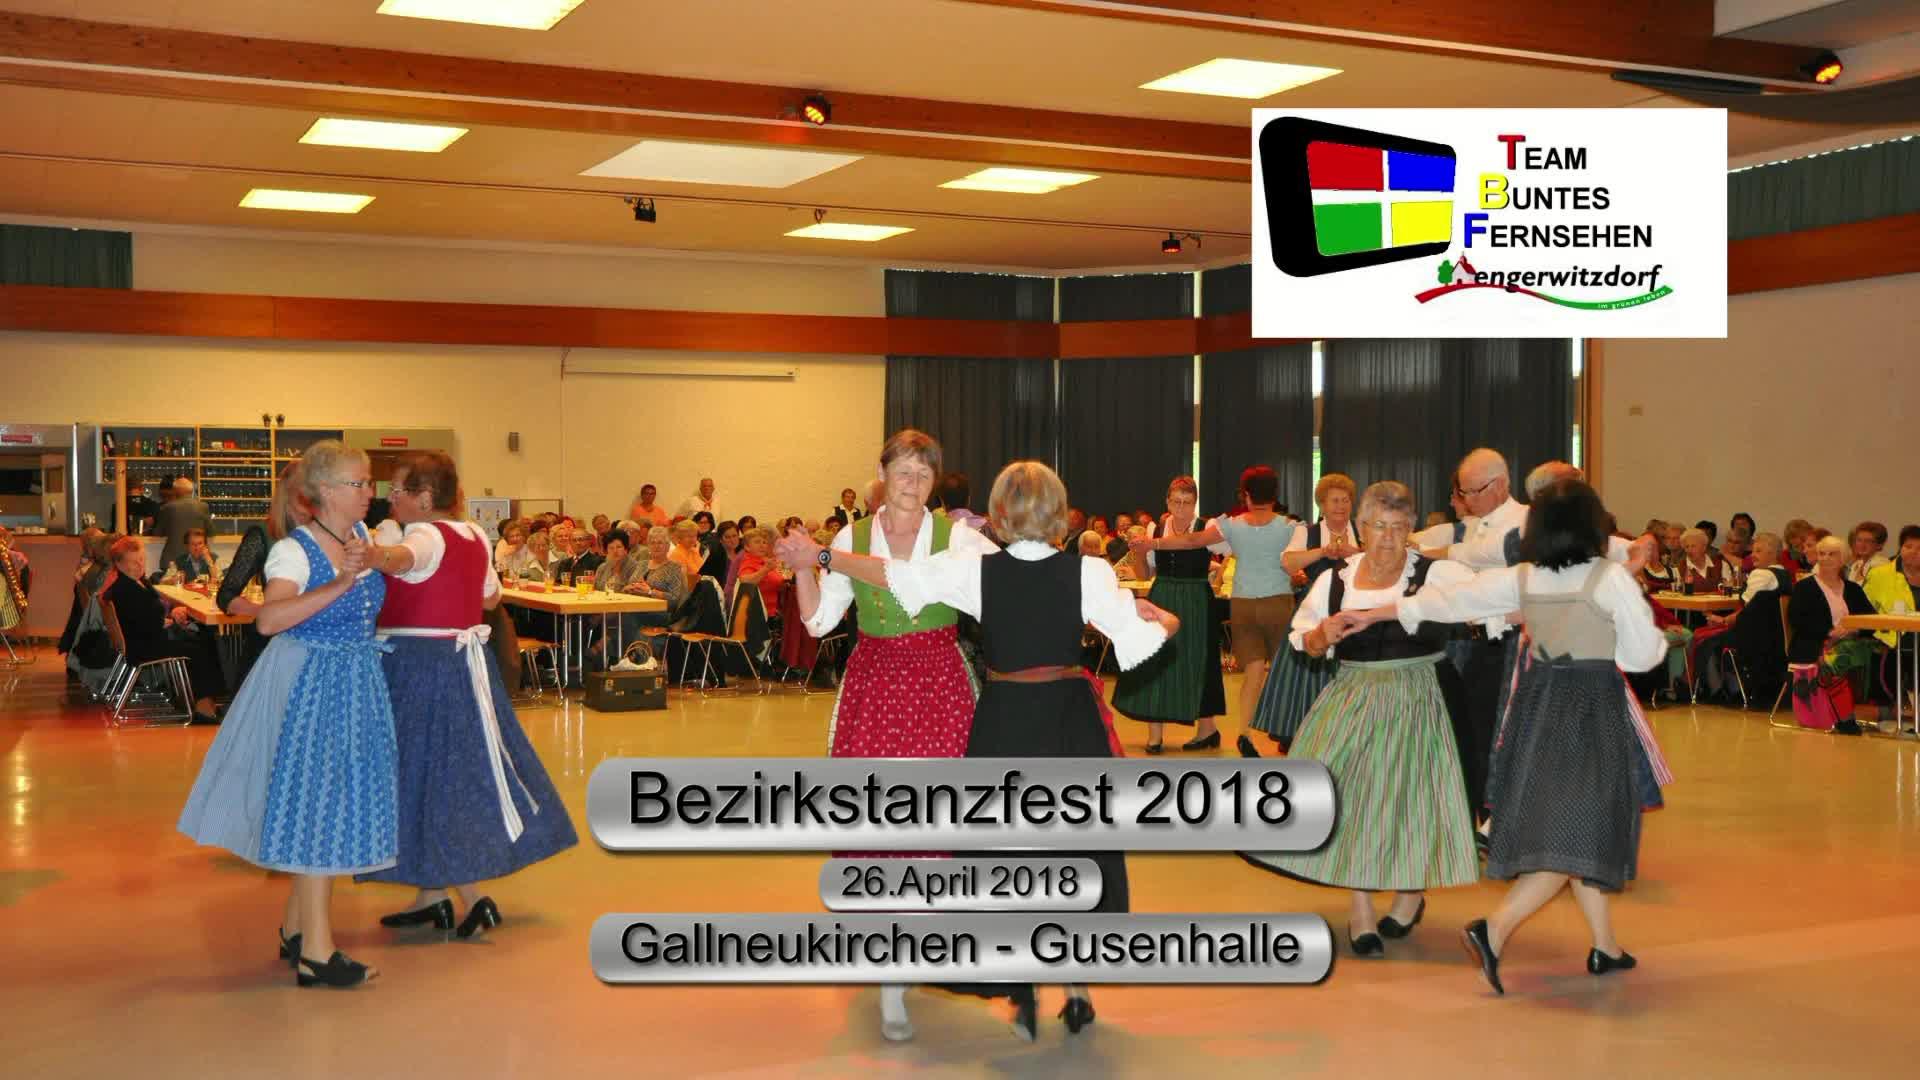 Bezirkstanzfest 2018